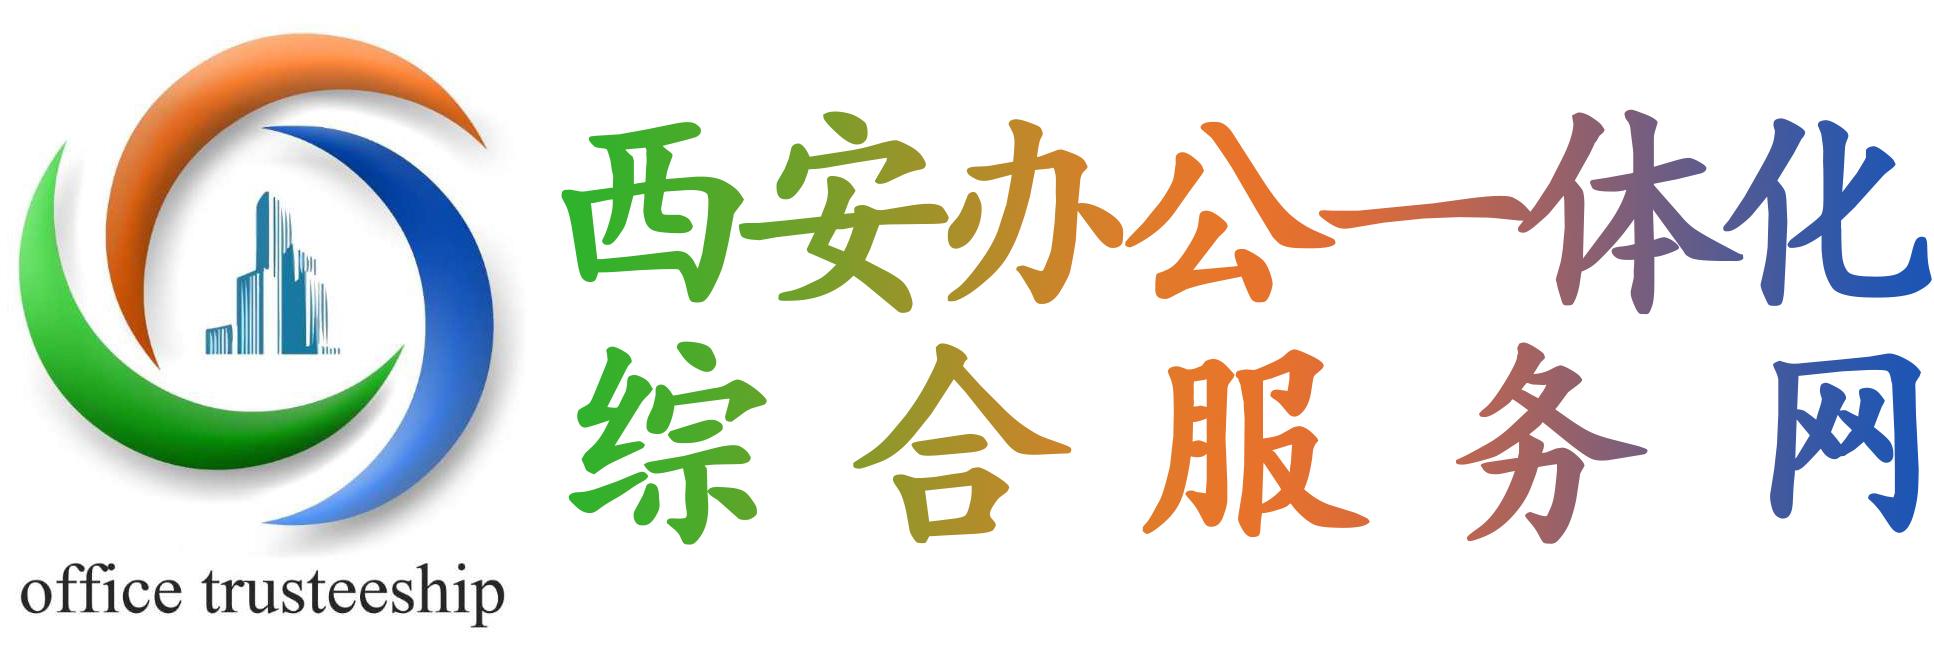 西安财税服务公司